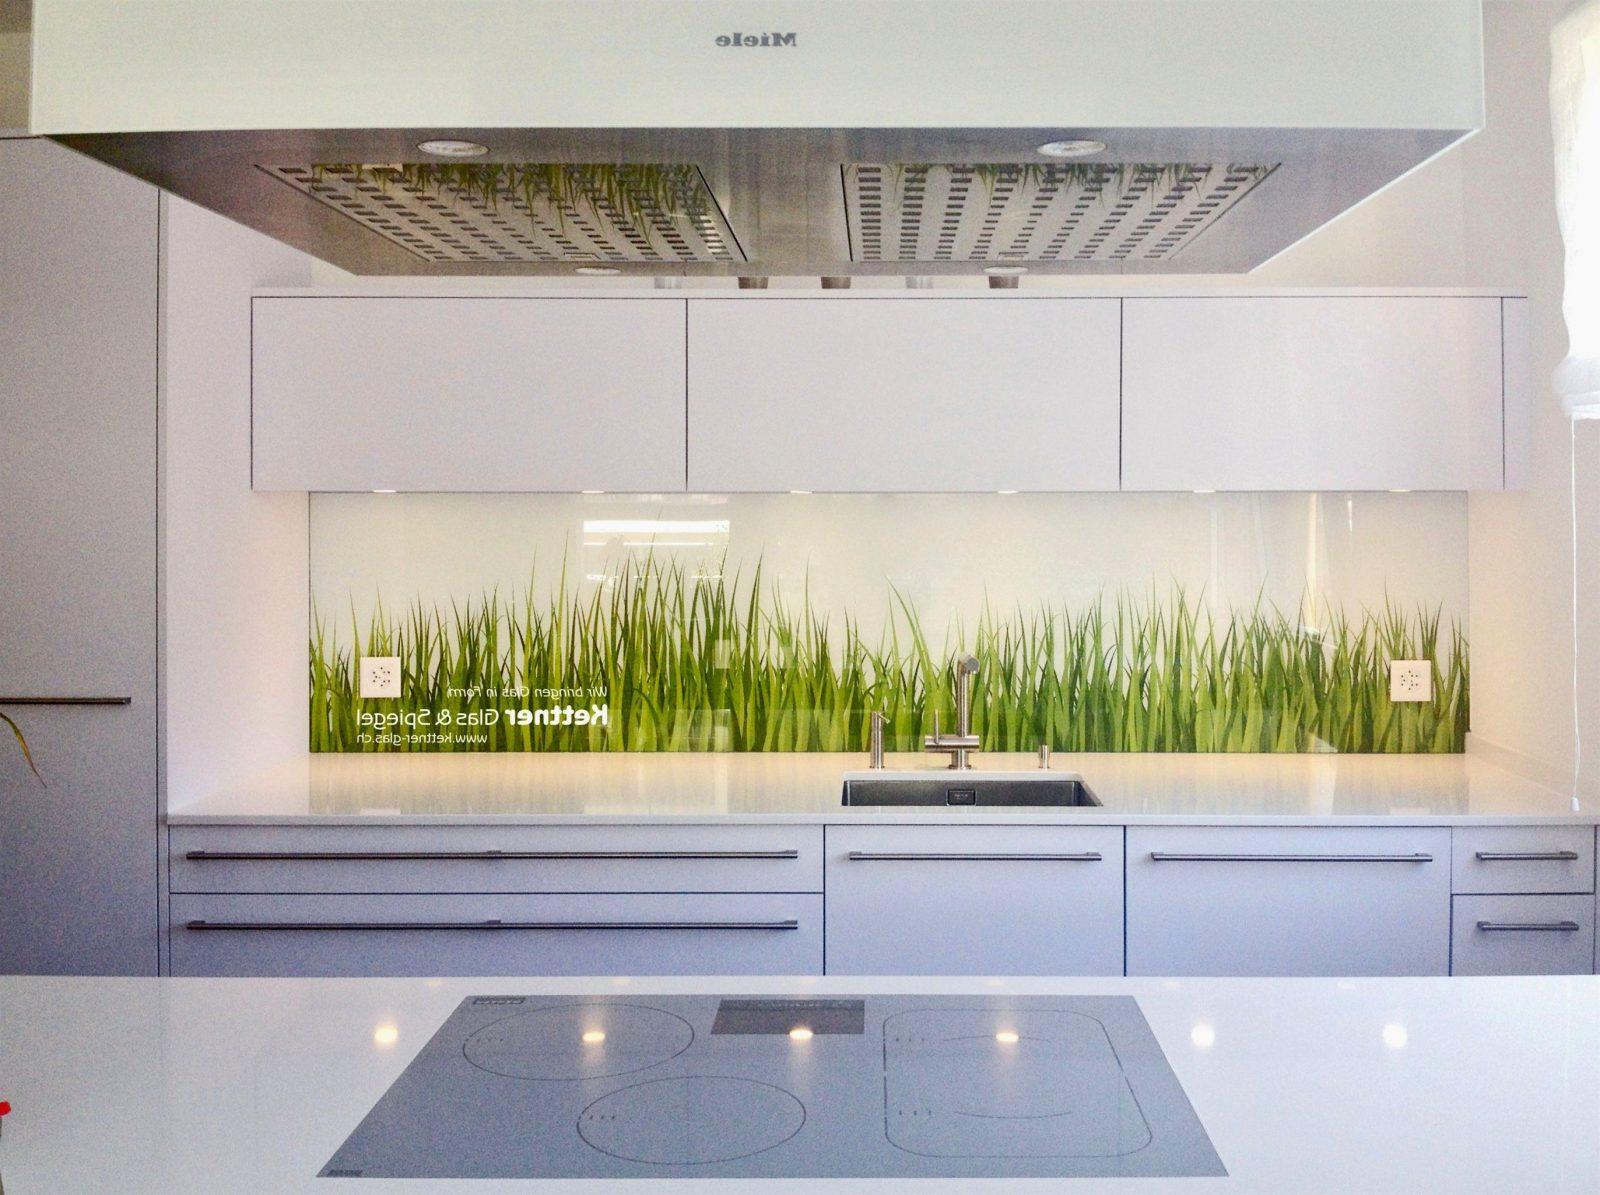 Wandgestaltung Küche Ideen Selber Machen Wunderbar Beautiful von Wandverkleidung Küche Selber Machen Photo